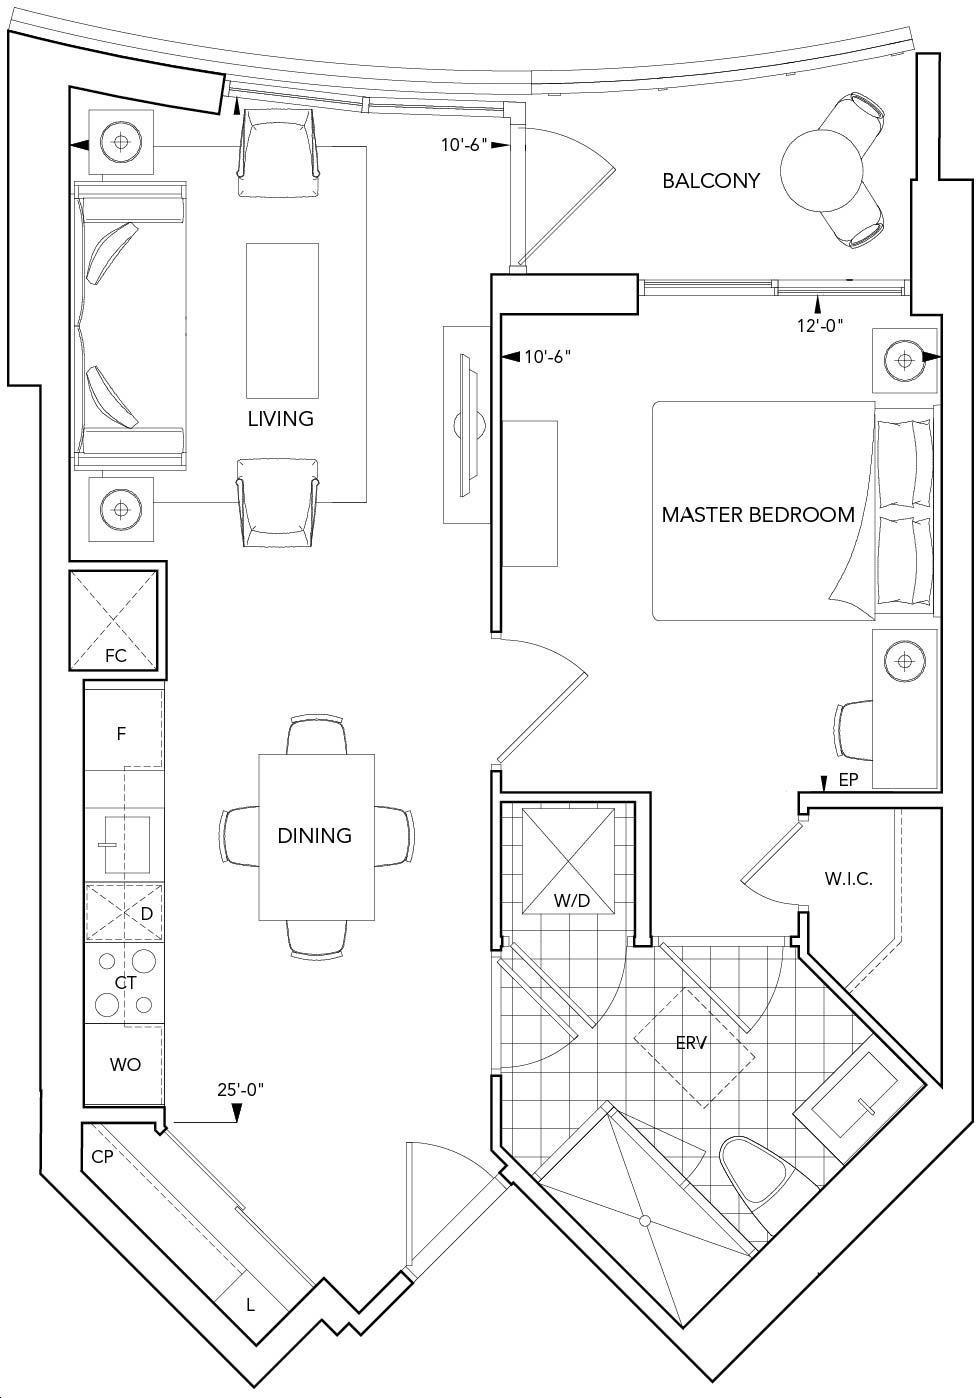 Aquavista Condos At Bayside By Tridel 1p Floorplan 1 Bed 1 Bath